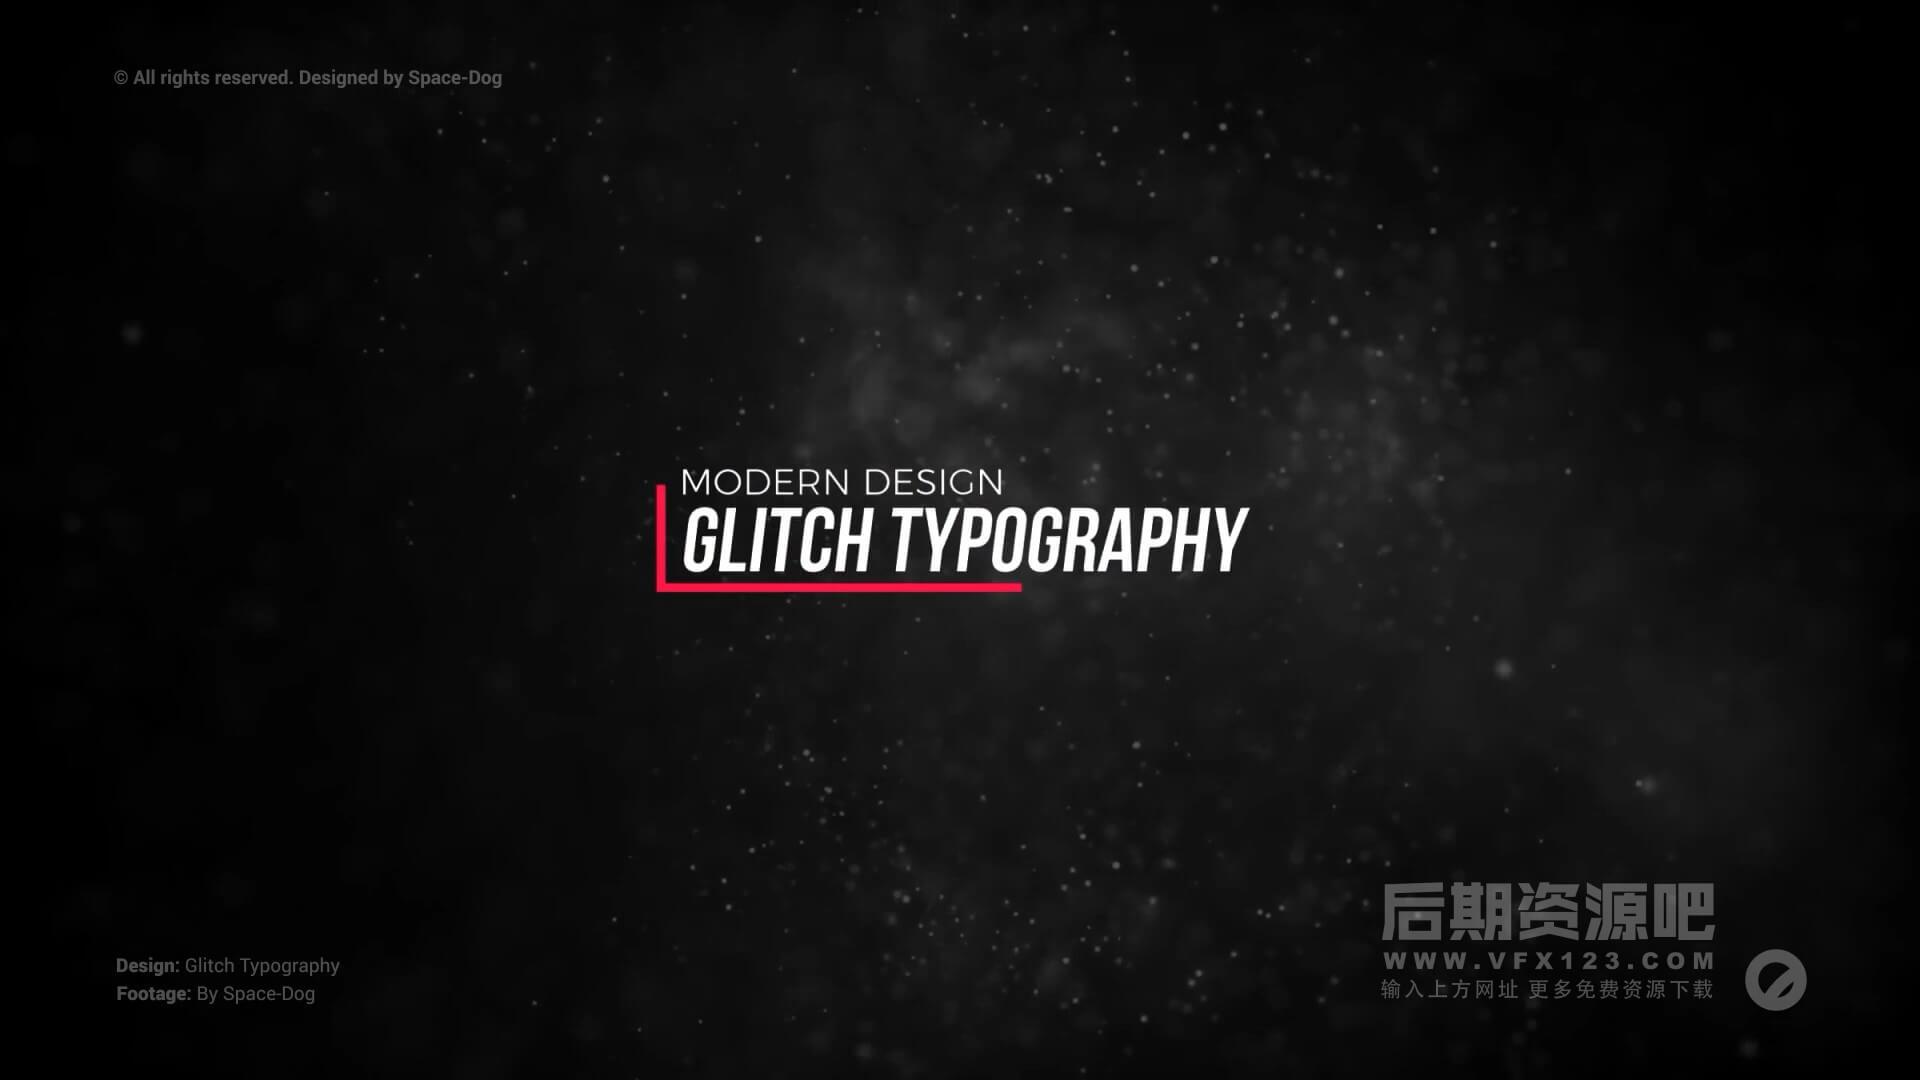 fcpx标题插件 20组信号干扰损坏效果文字标题模板 Glitch Modern Titles